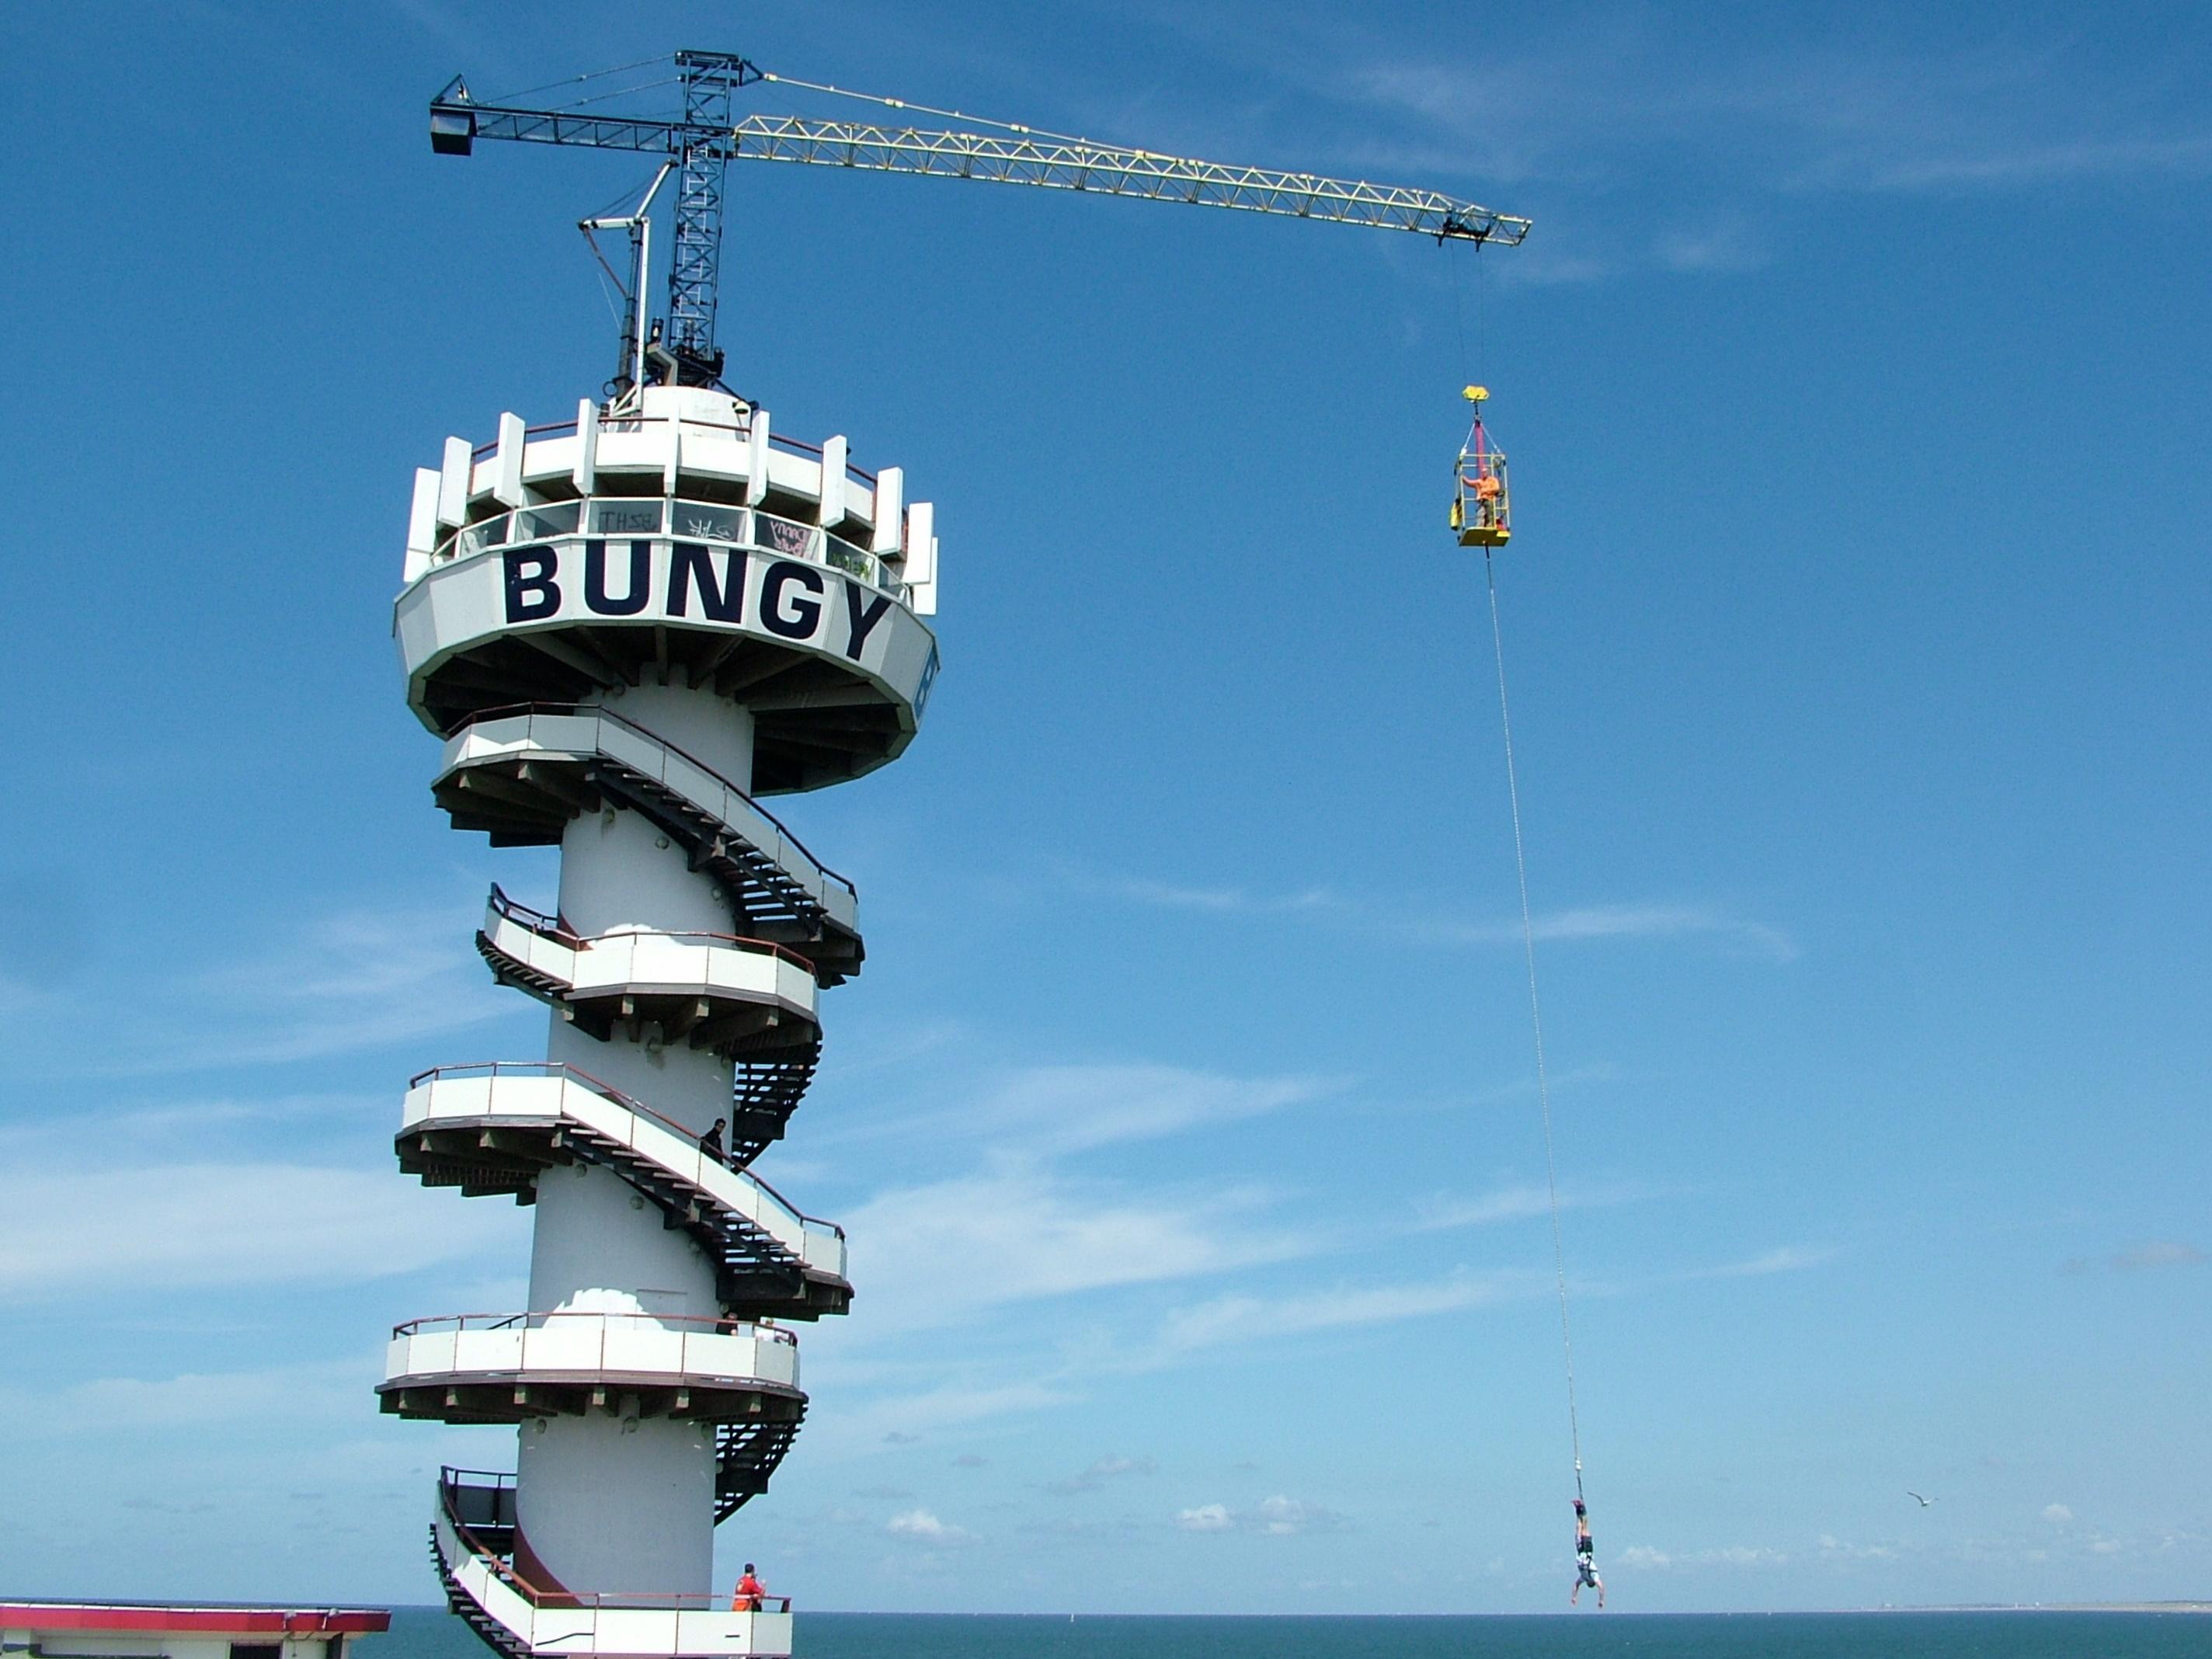 Bestand:2009-07-28 Bungee Scheveningen.JPG - Wikipedia